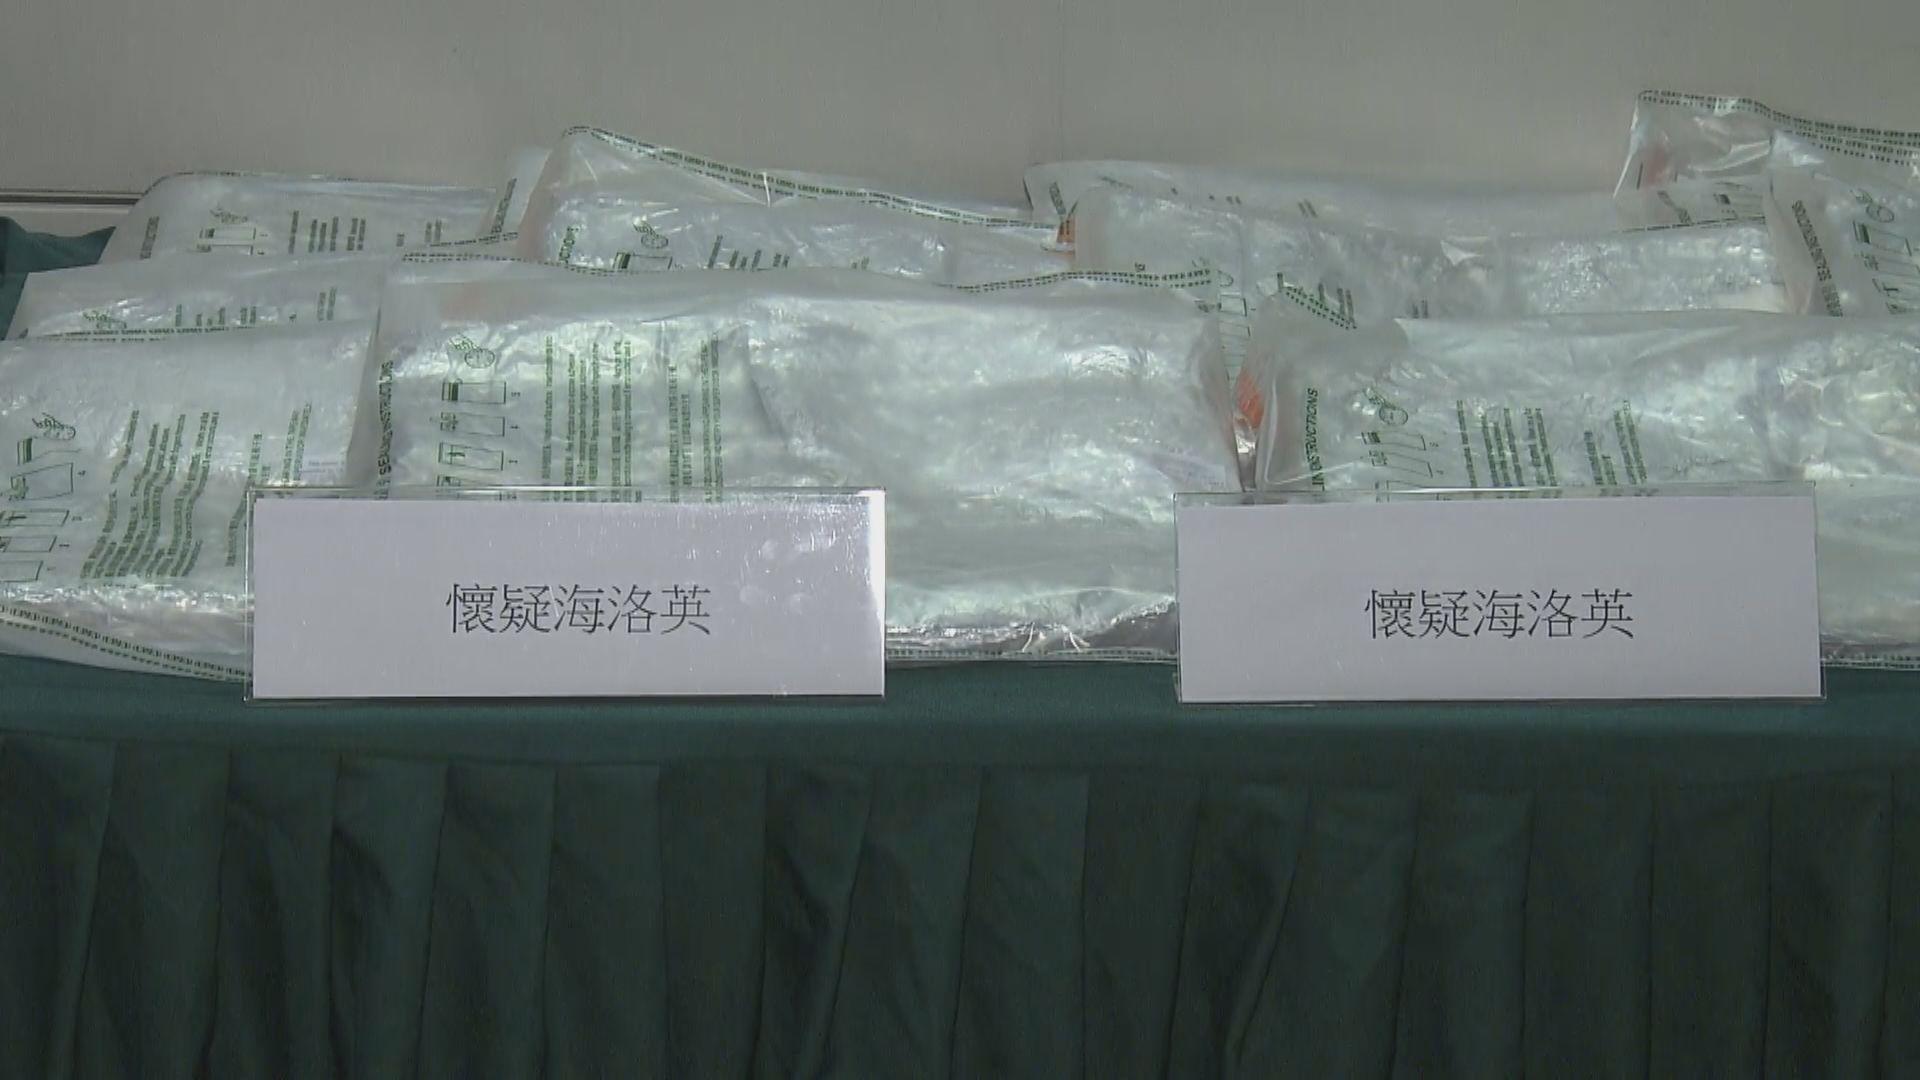 海關檢一千五百萬元毒品 拘一男學生